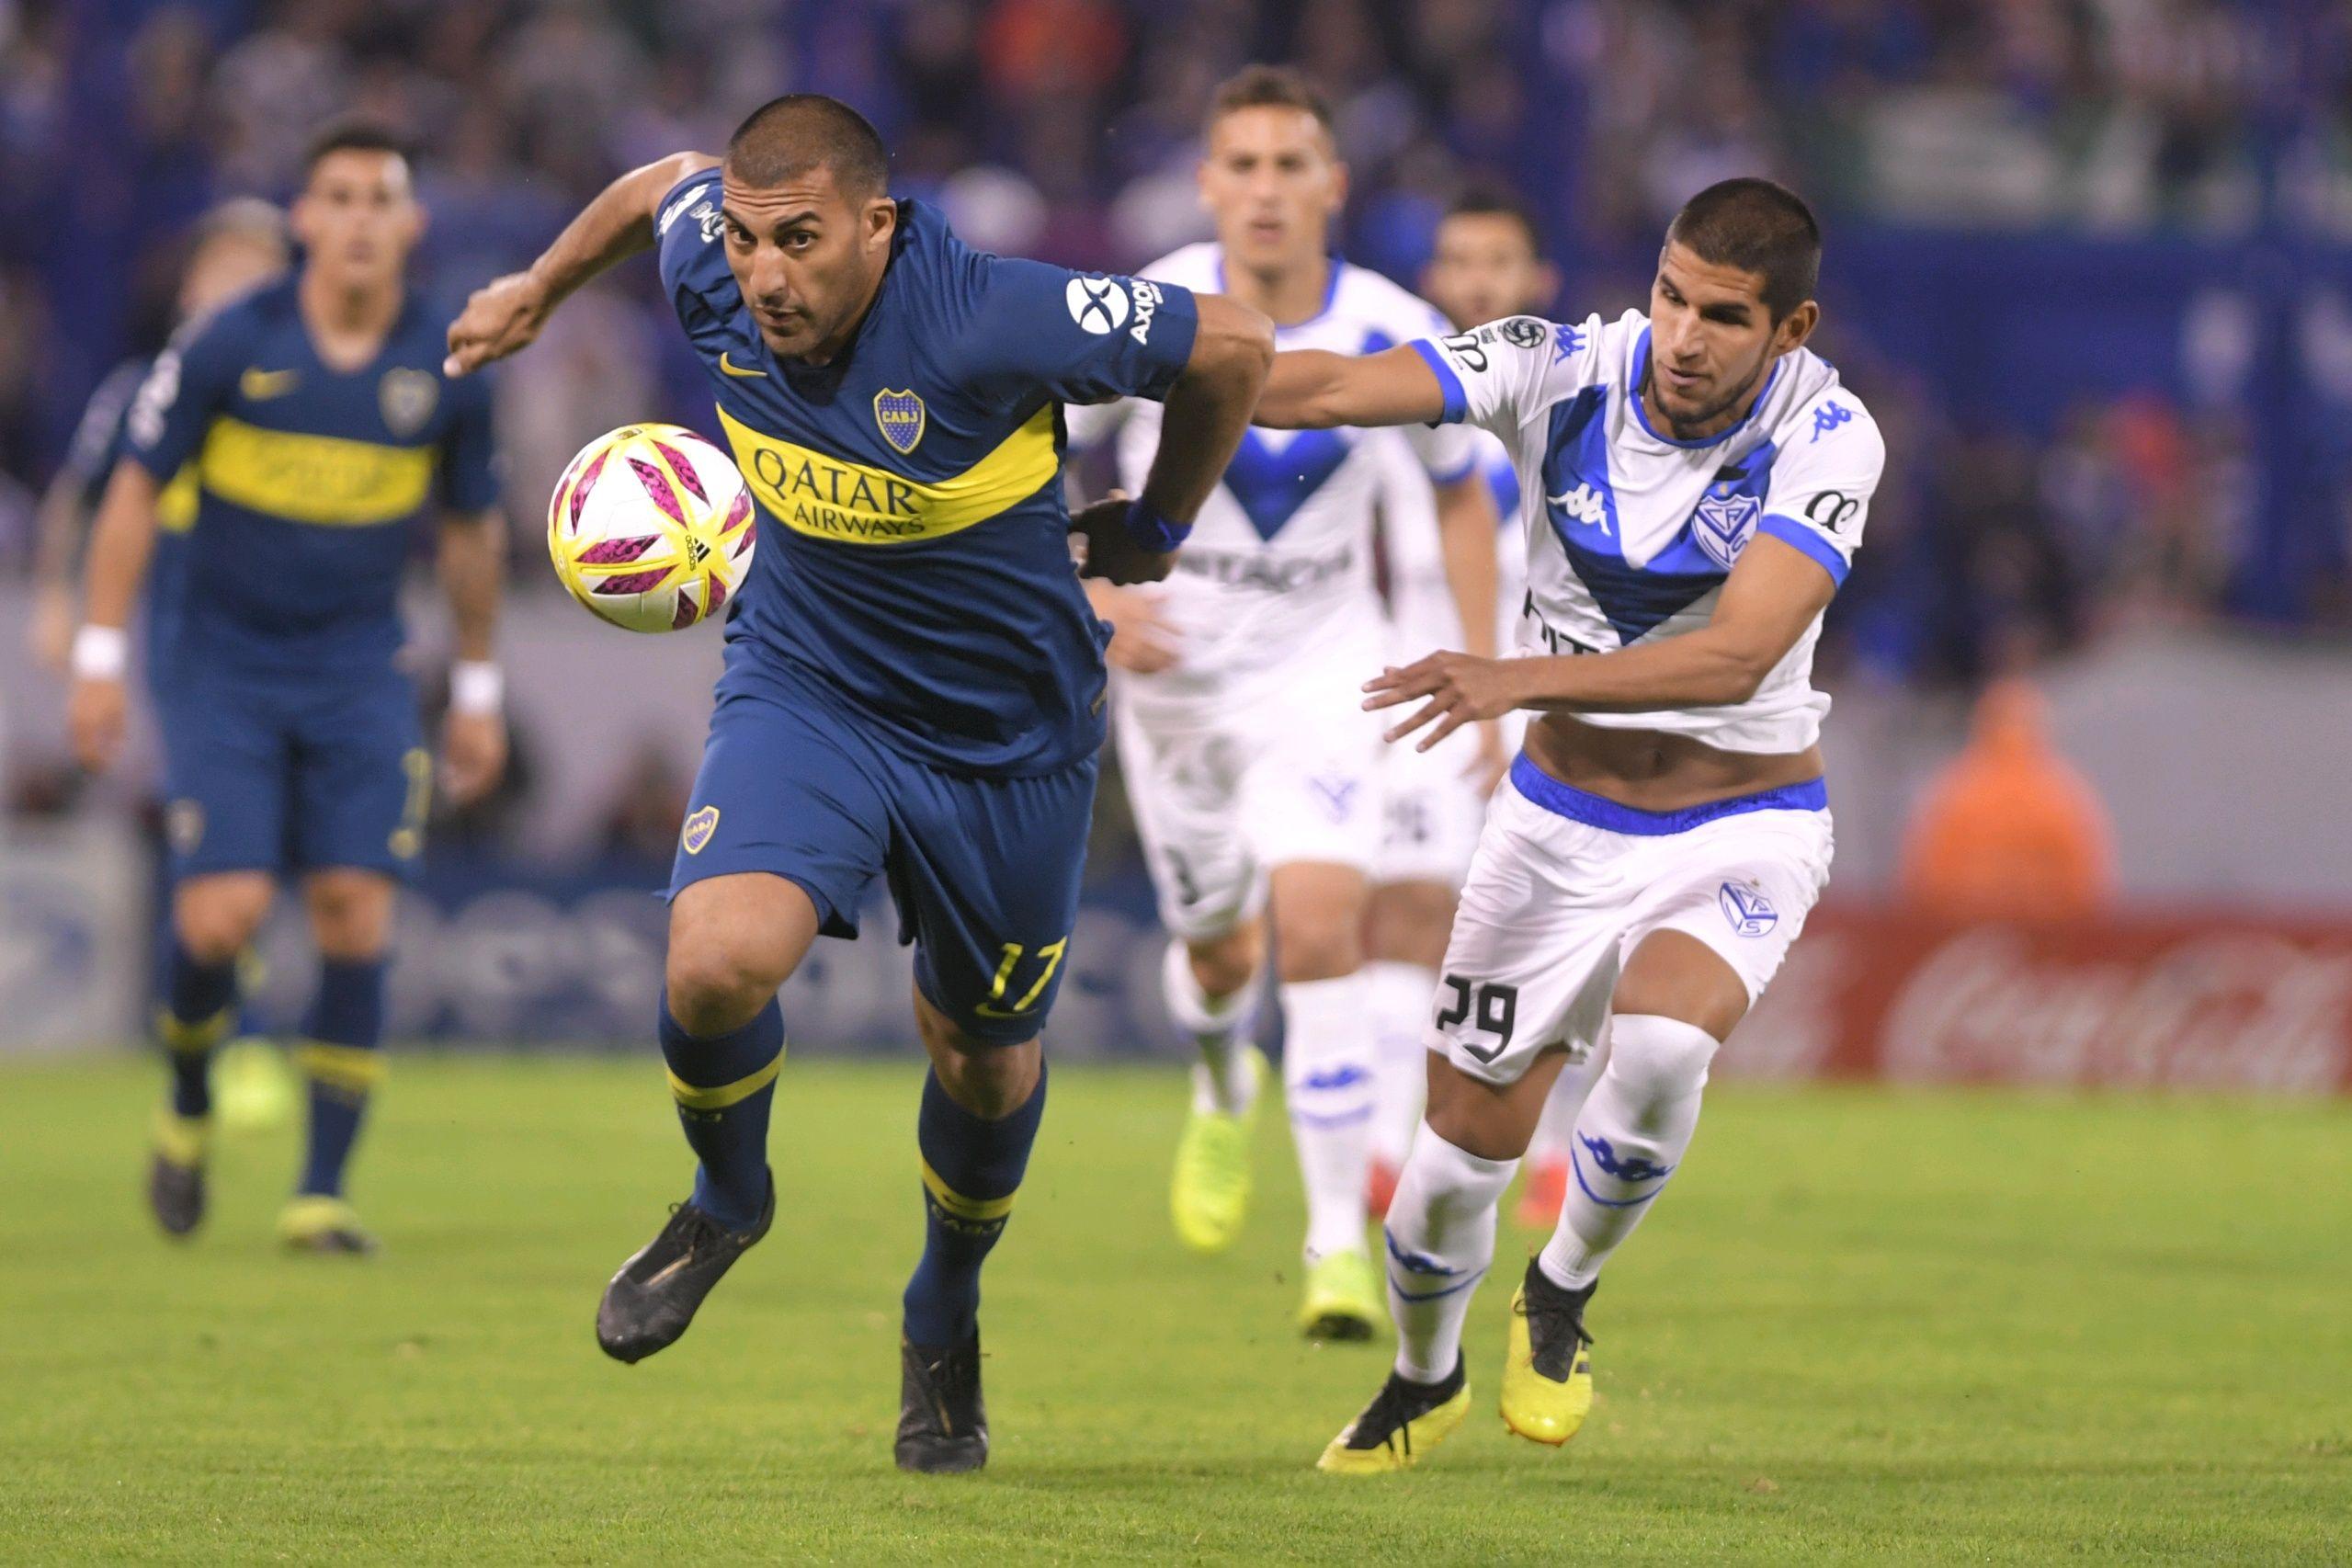 La peor noticia para Boca antes de la revancha con Vélez: se desgarró Wanchope Ábila